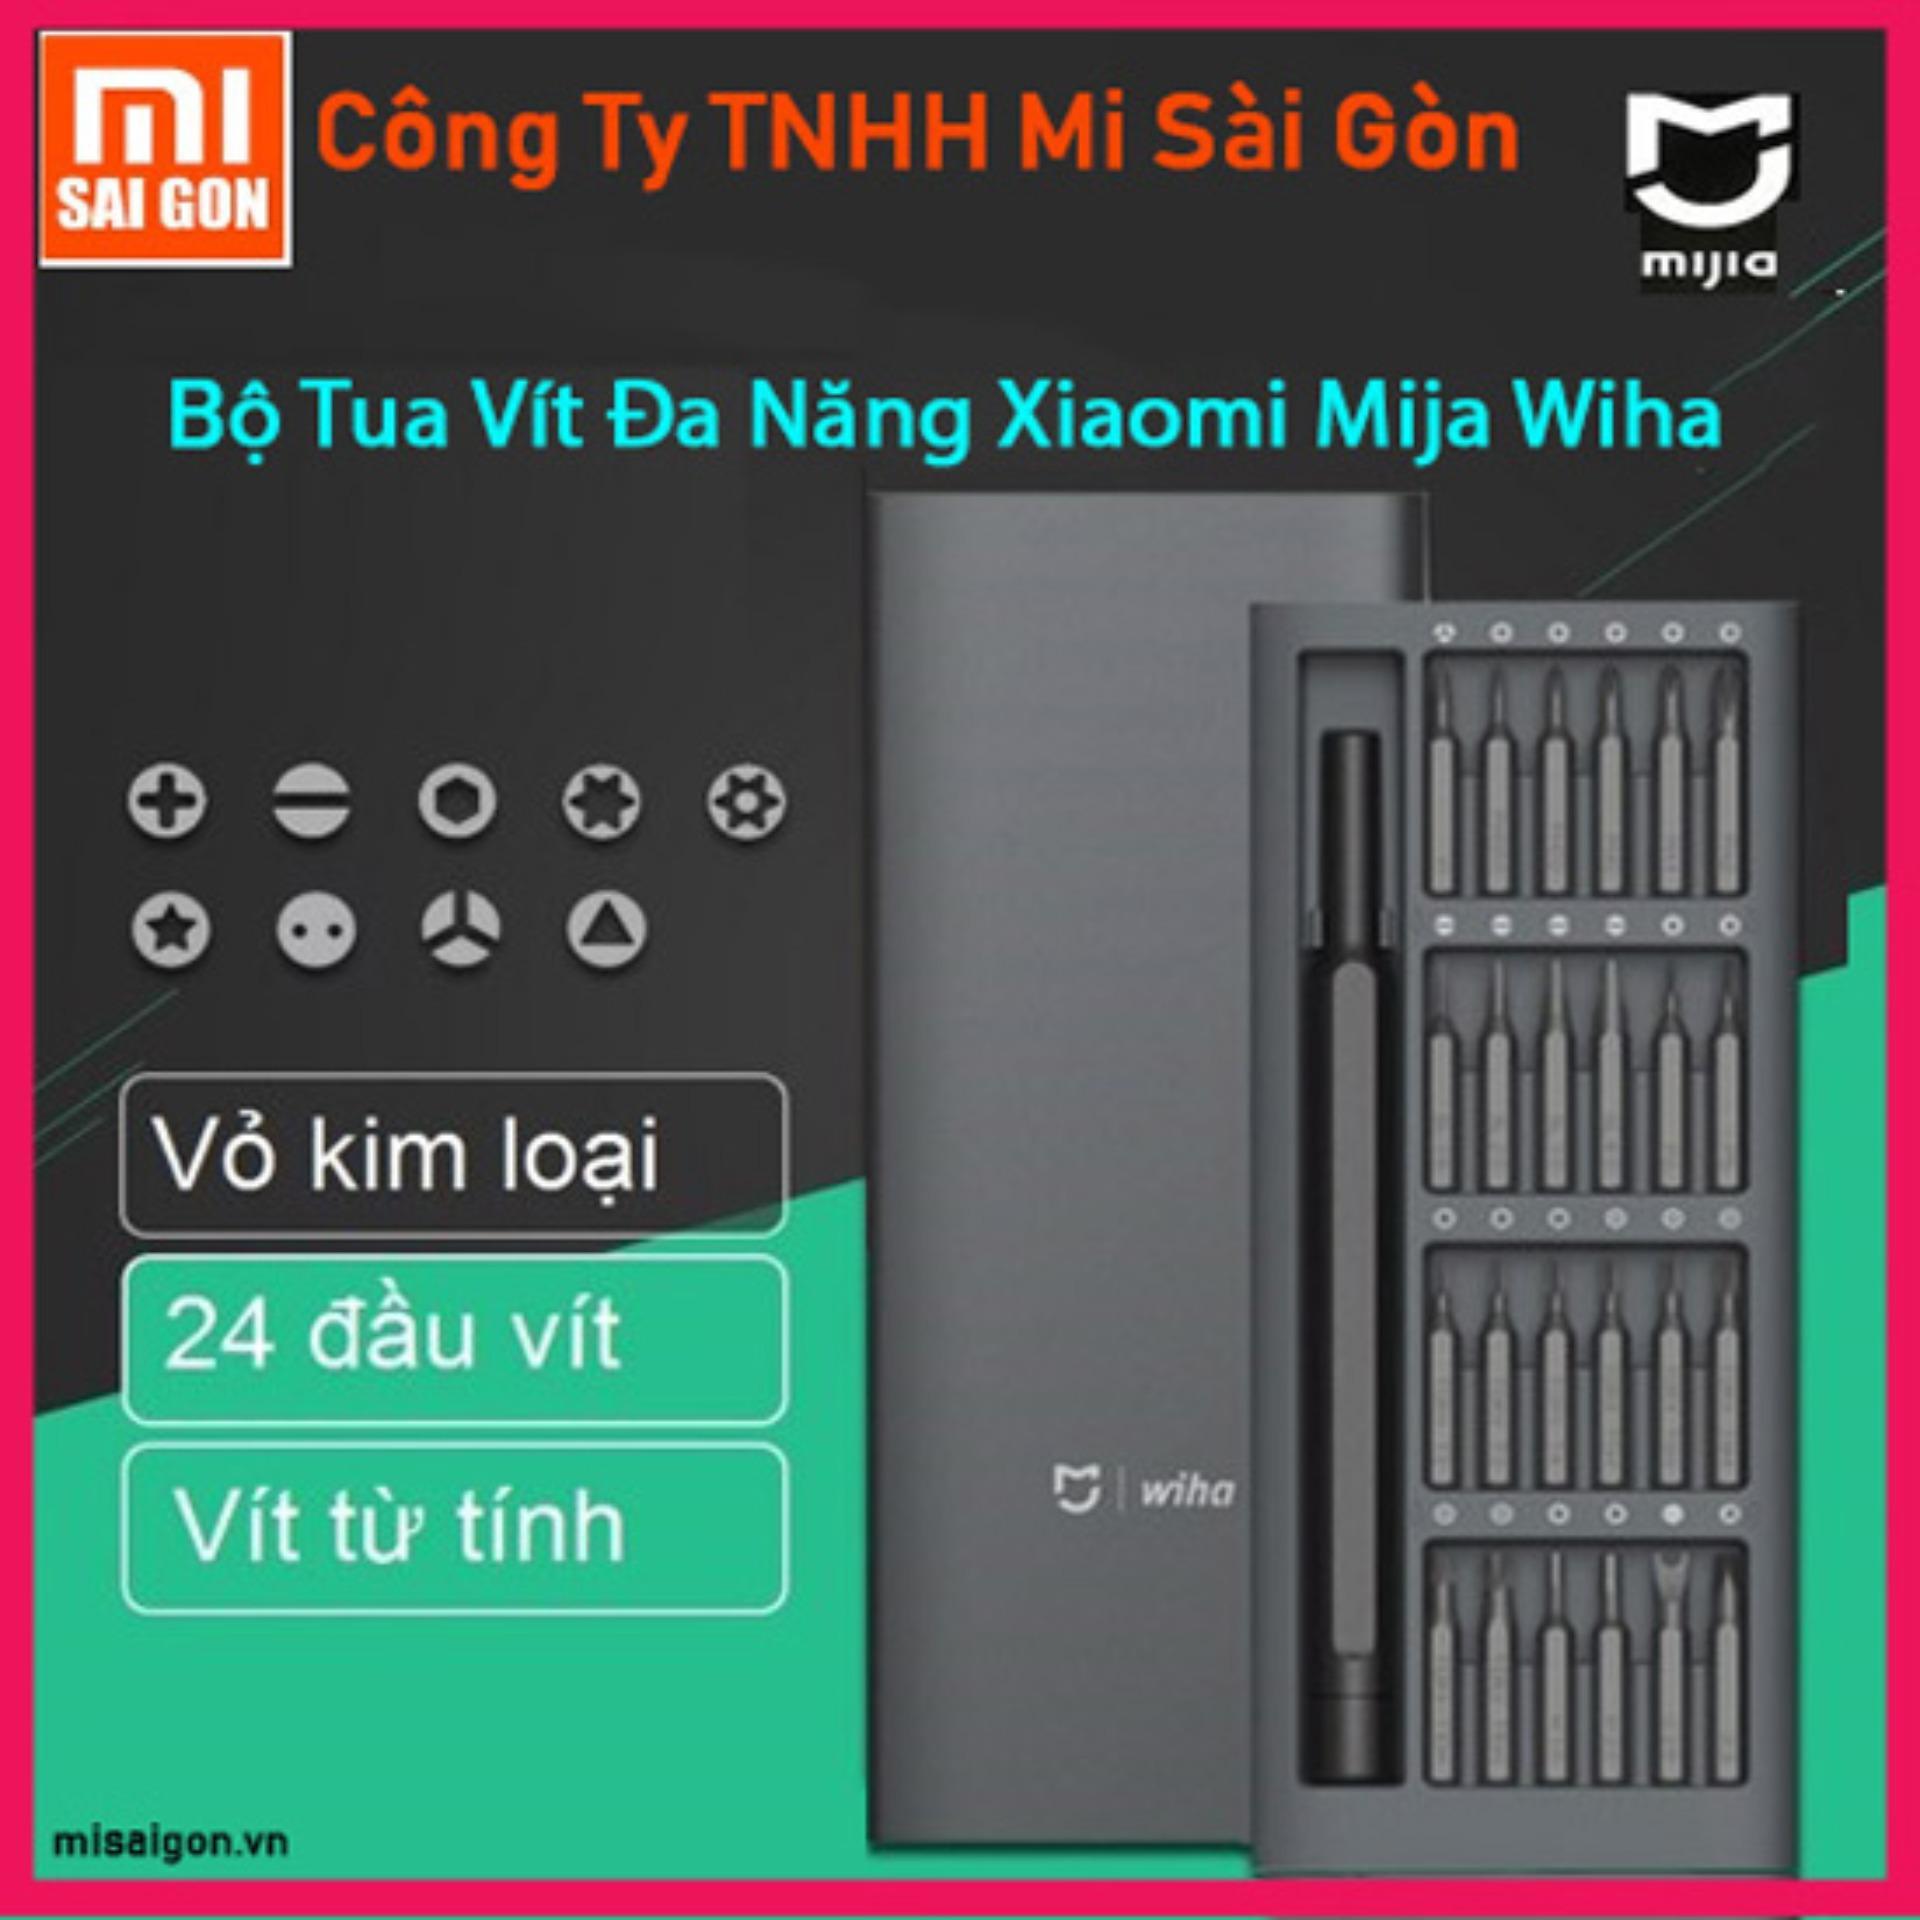 bộ tua vít bỏ túi đa năng Xiaomi Mijia Wiha (Có nam châm hít)